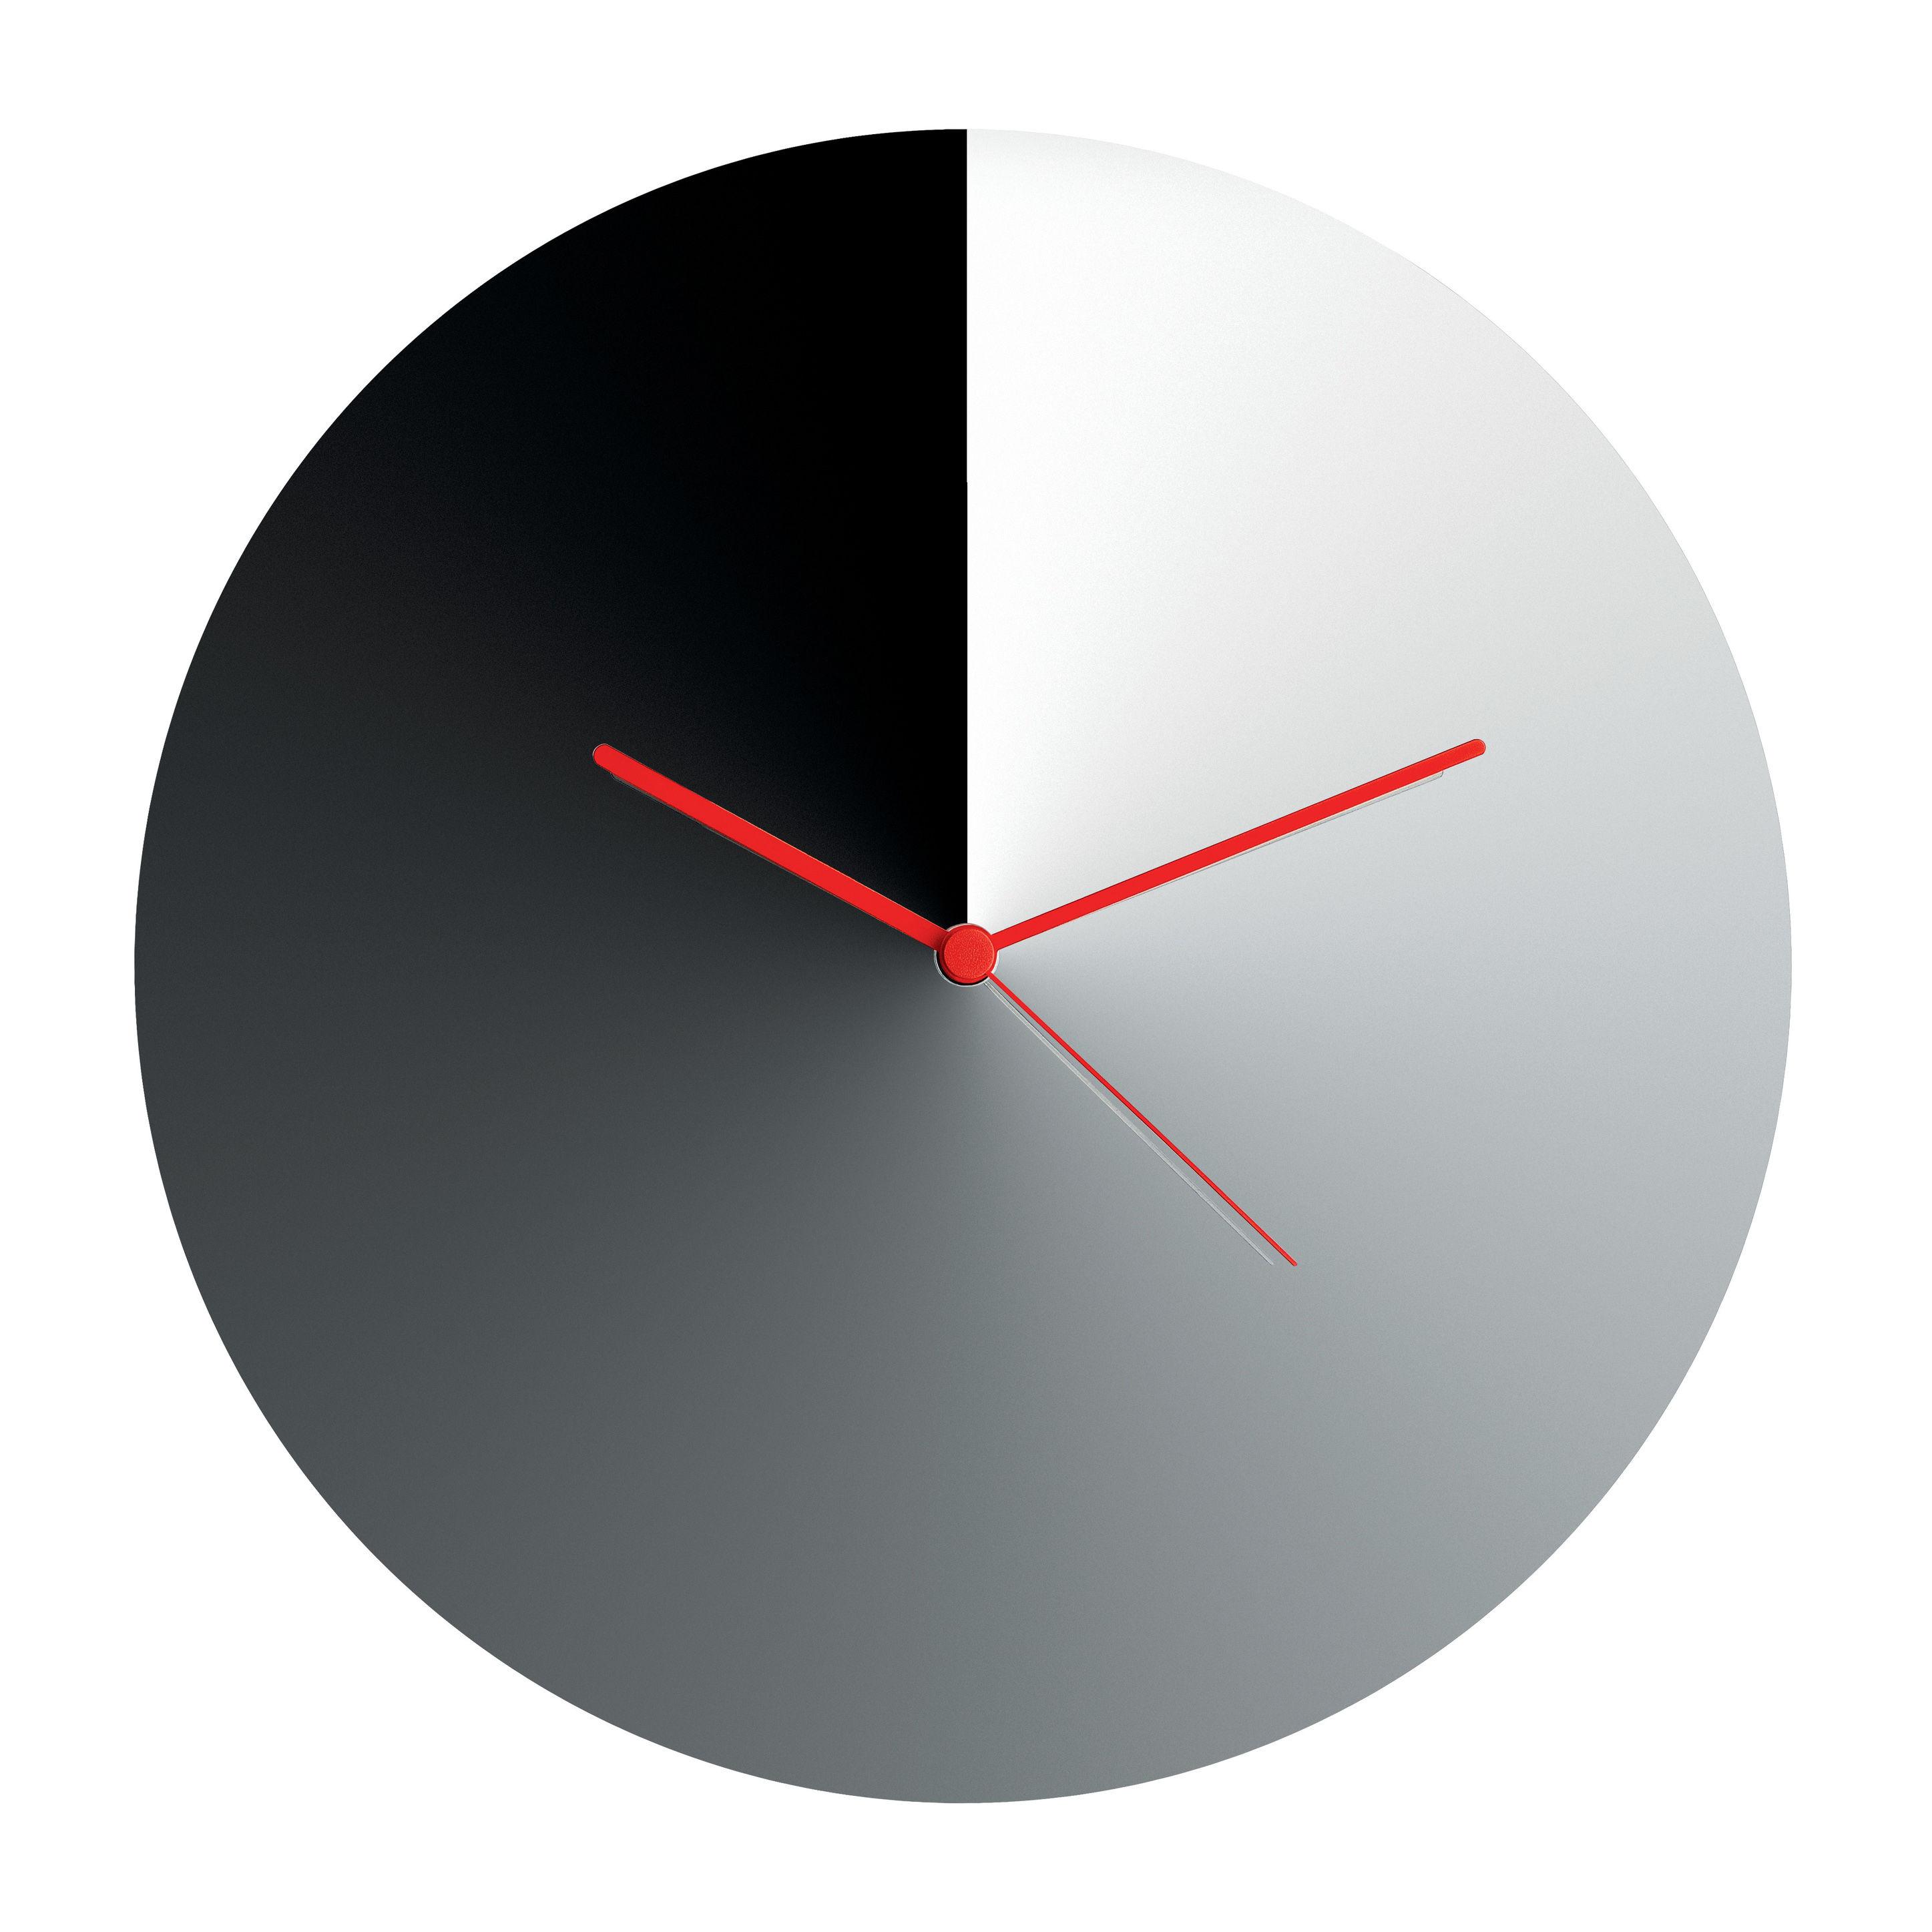 Interni - Orologi  - Orologio a parete Arris / Acciaio - Ø 30 cm - Alessi - Cromato / Lancette rosse - Acciaio inox cromato